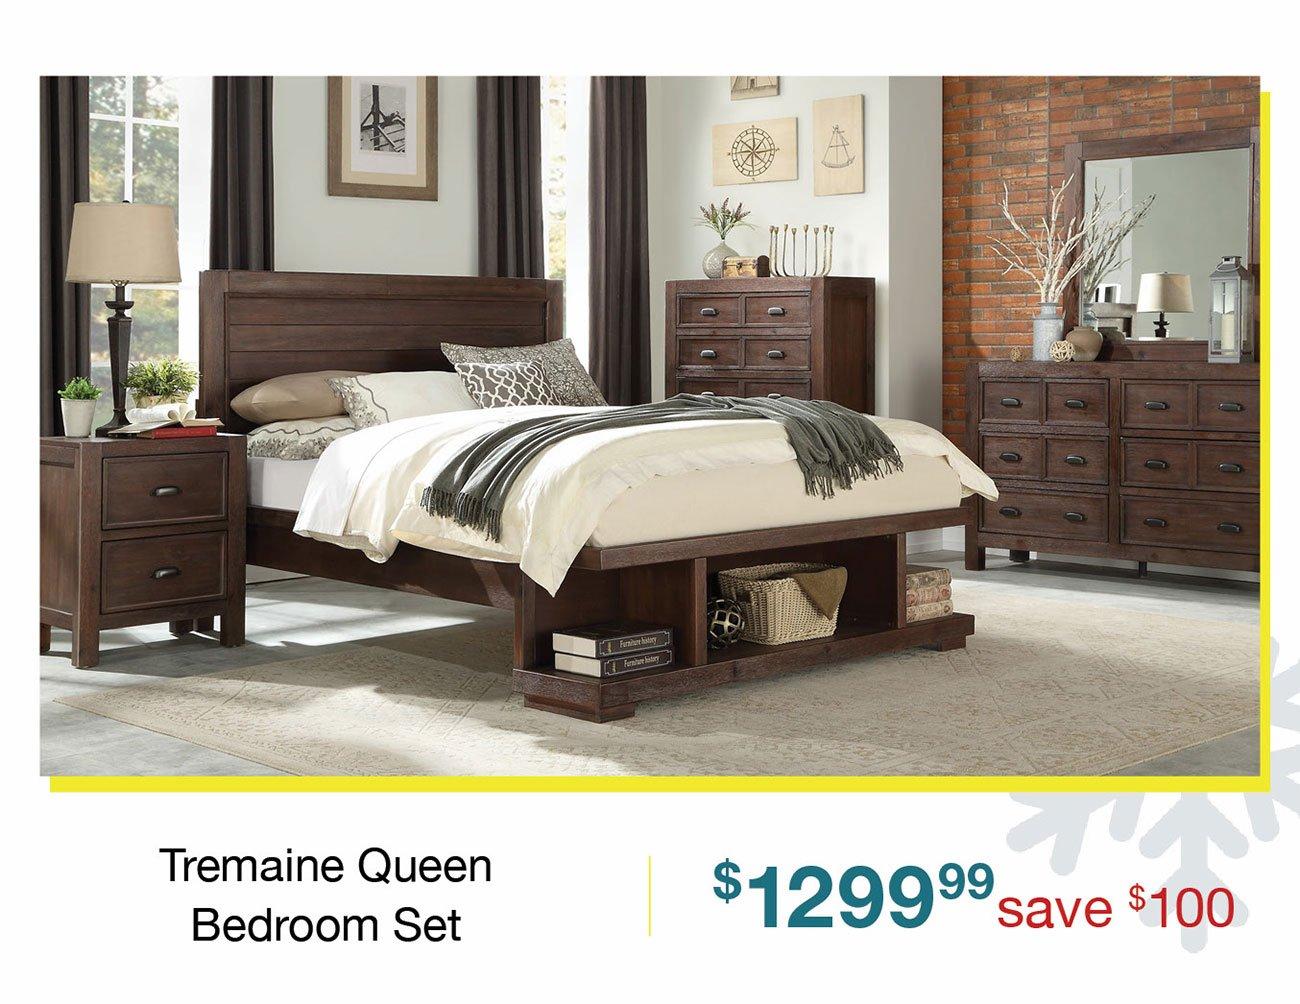 Tremaine-queen-bedroom-set